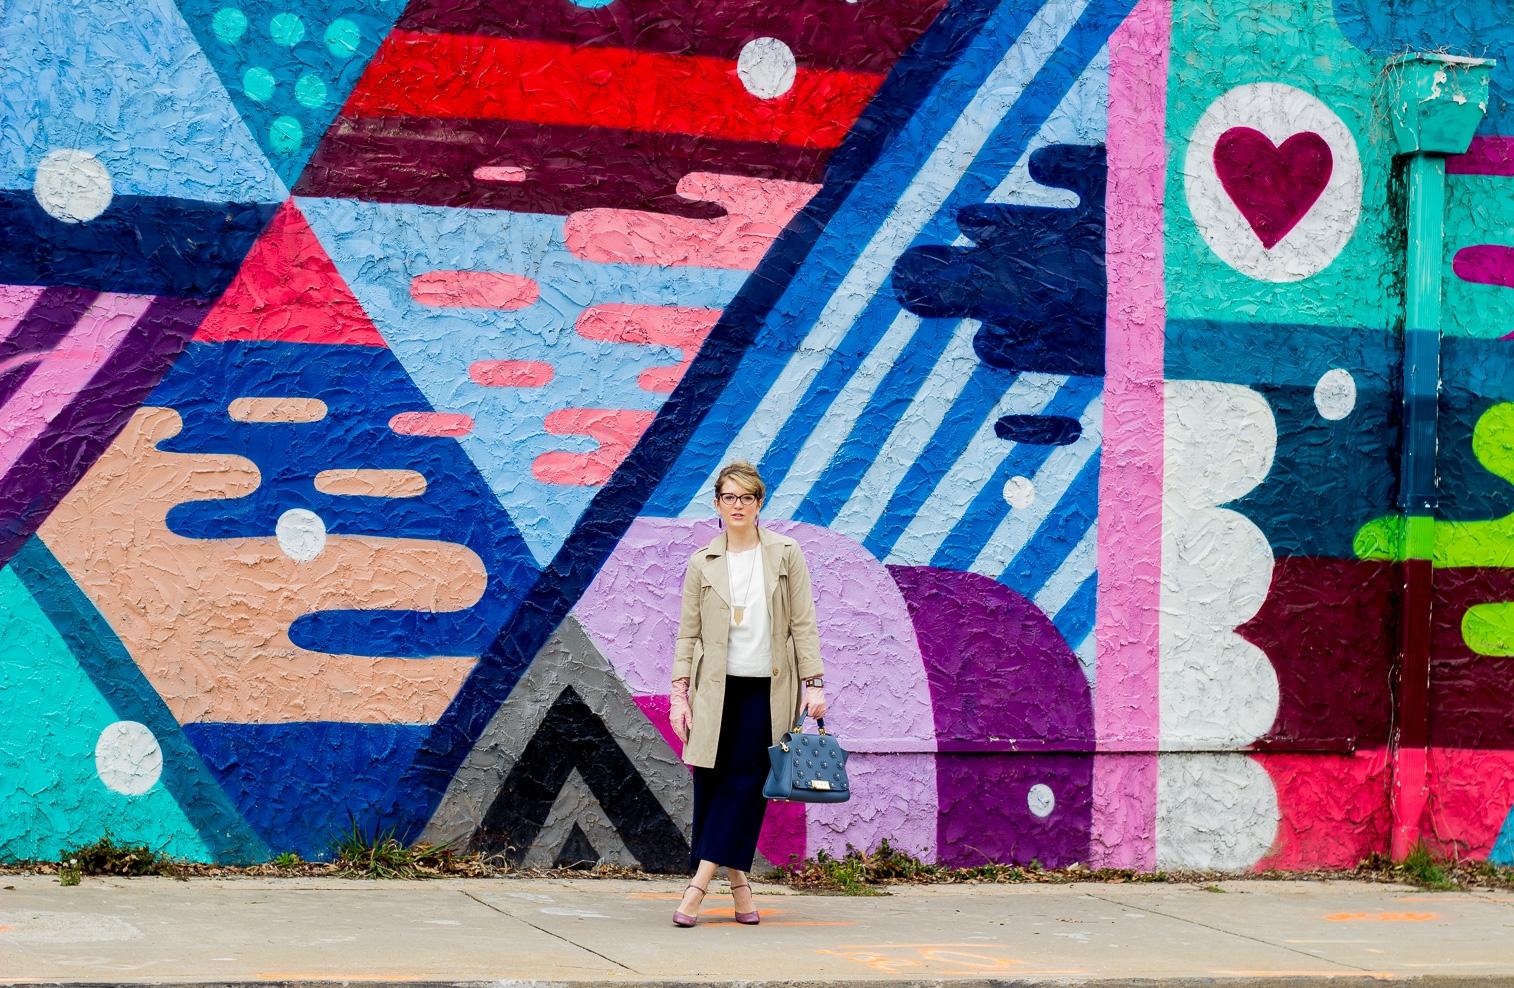 Atlanta's instagrammable spots